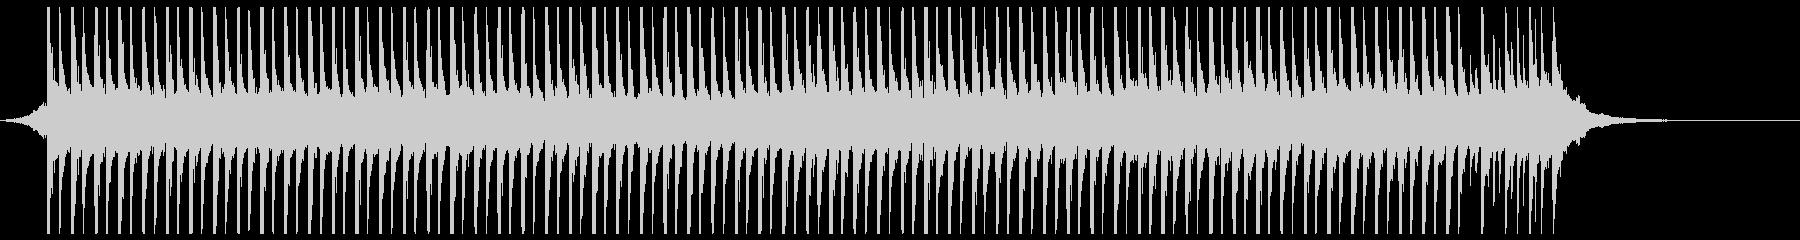 旅行(36秒)の未再生の波形